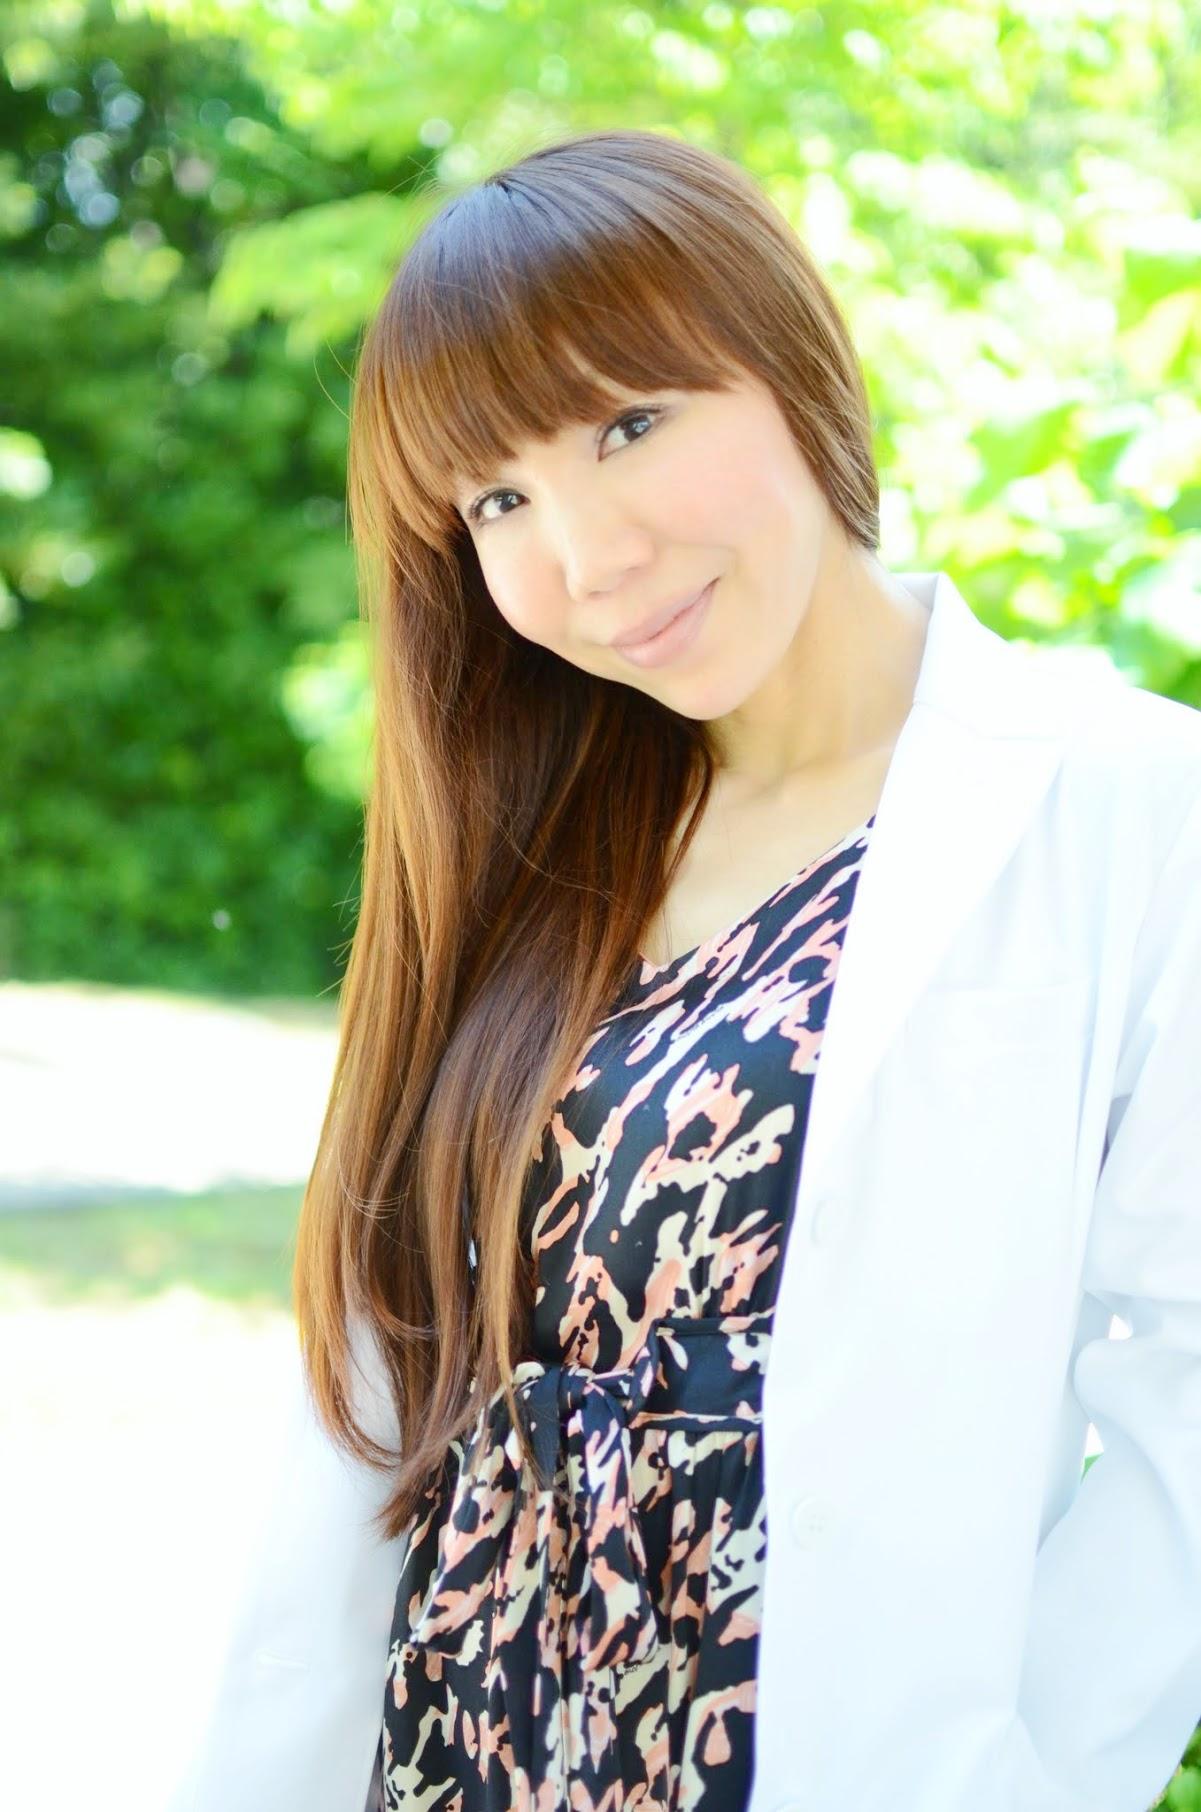 田嶋先生プロフィール写真